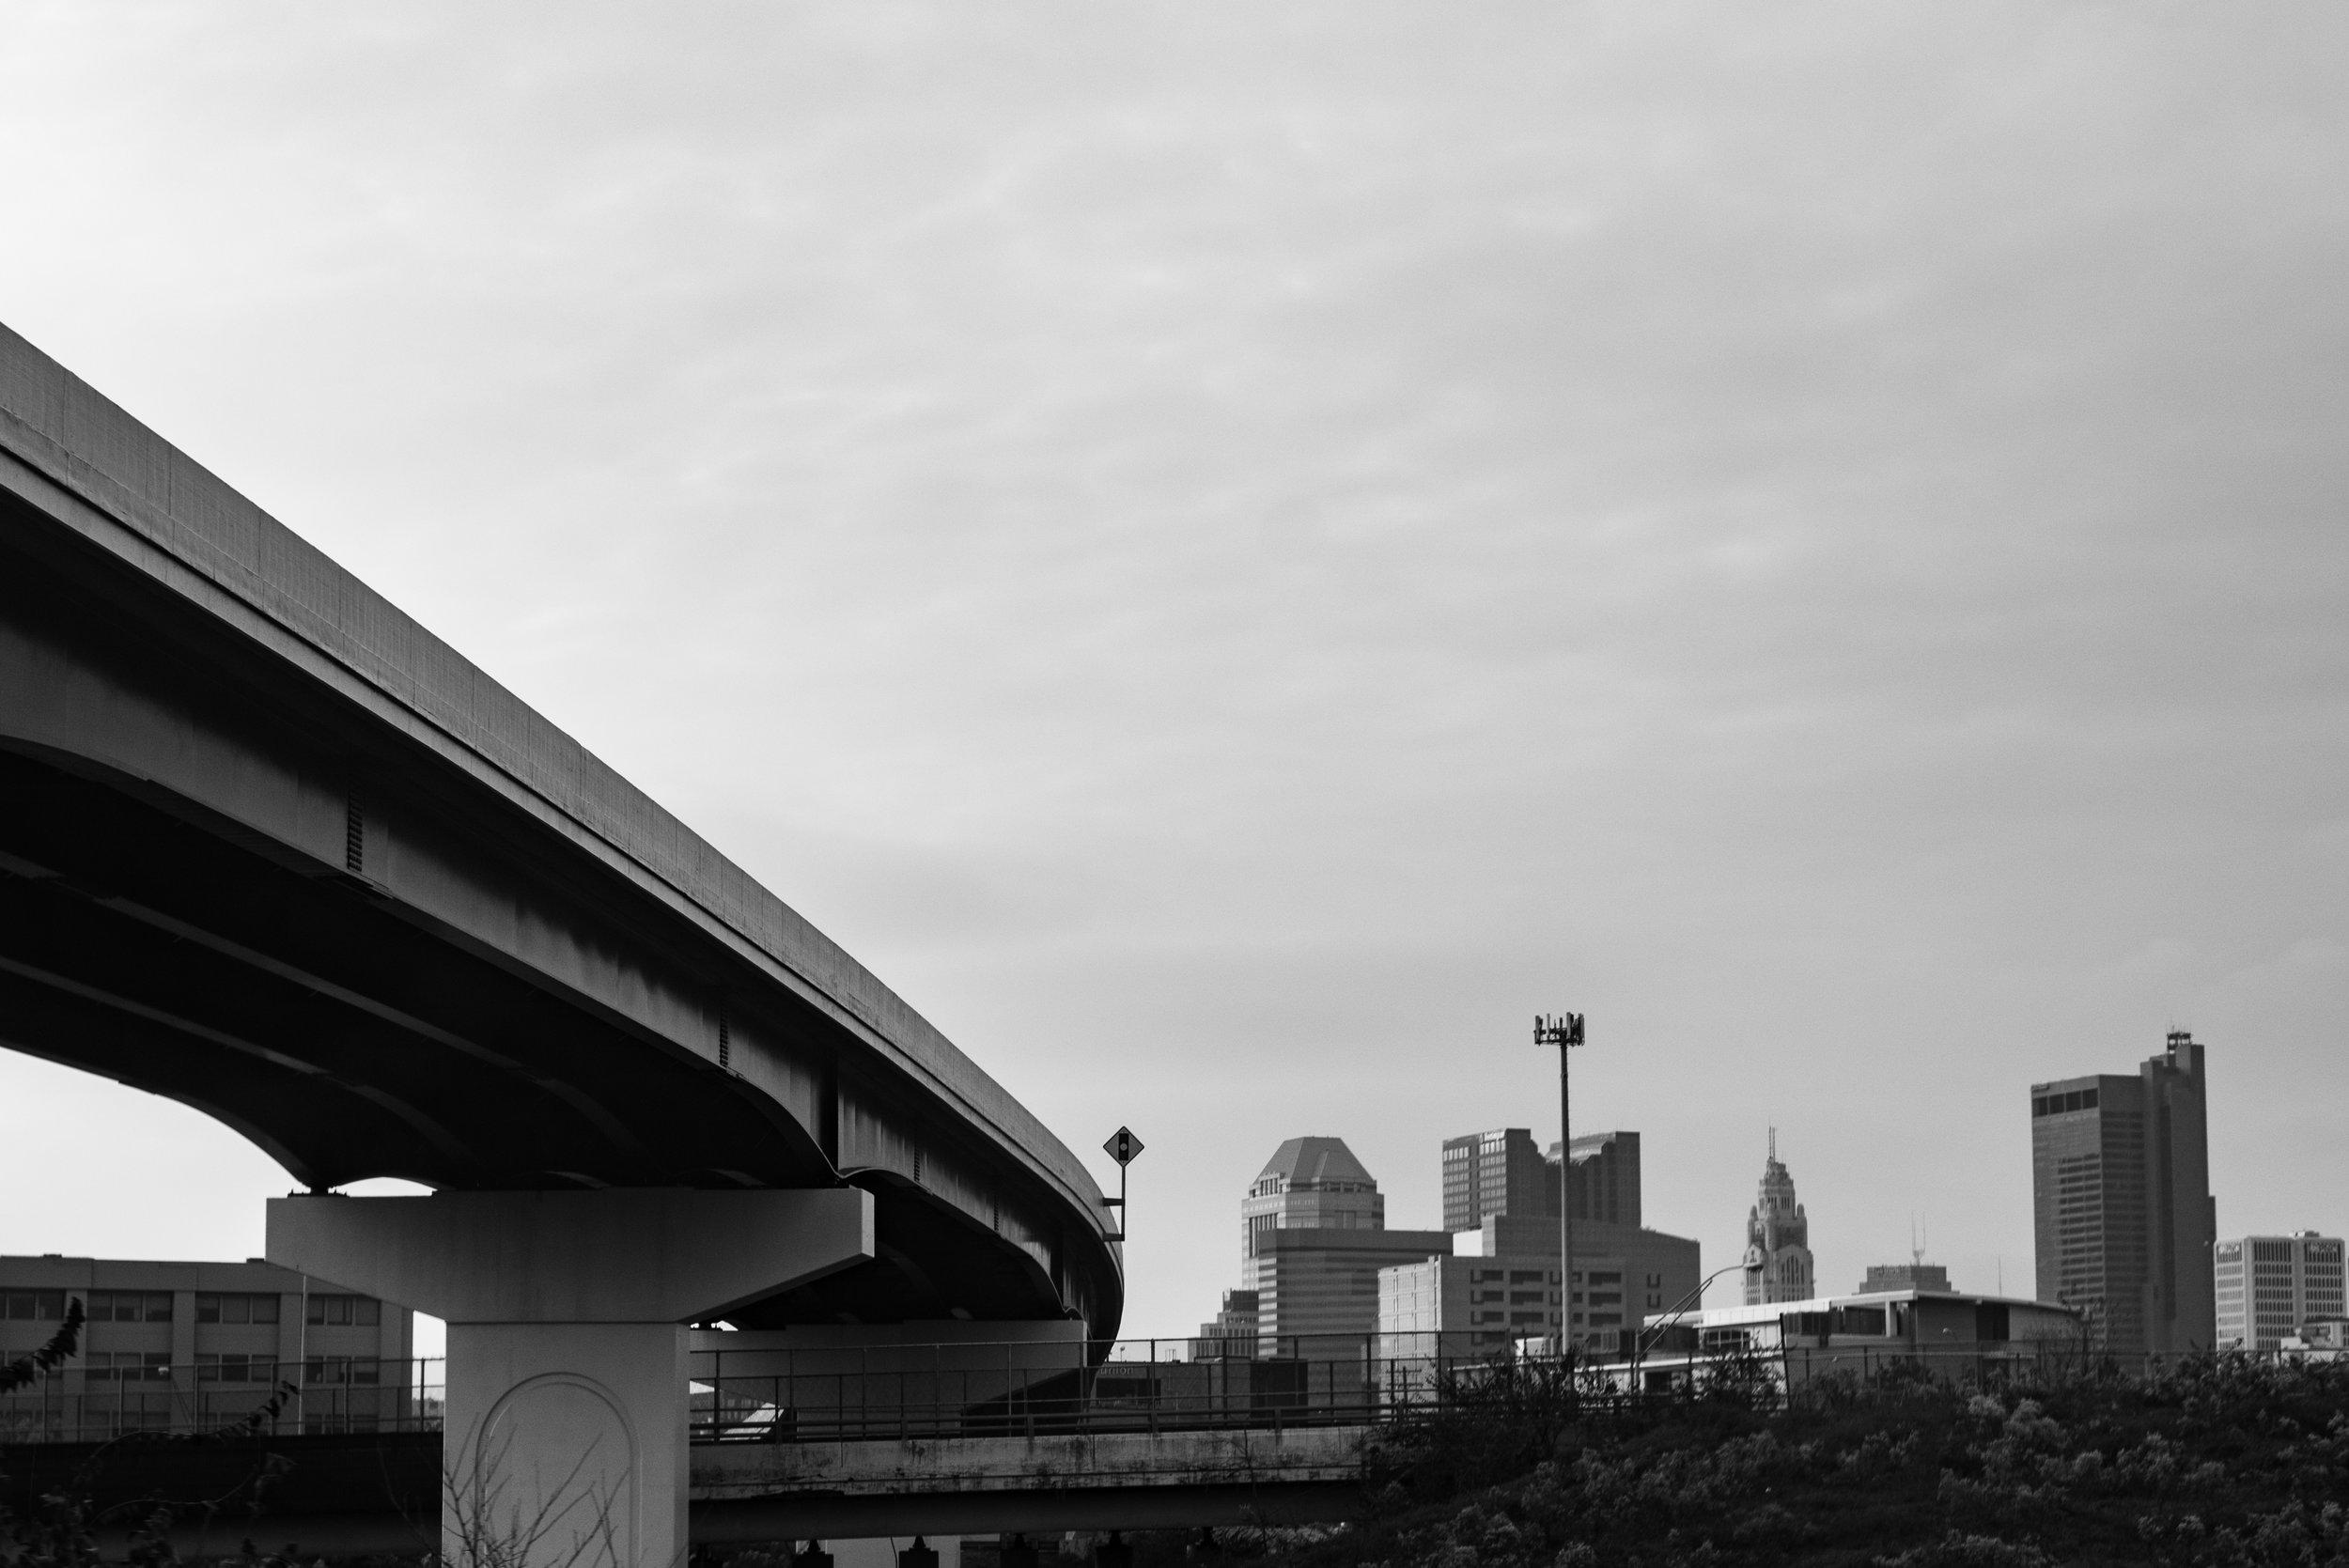 Columbus Highways